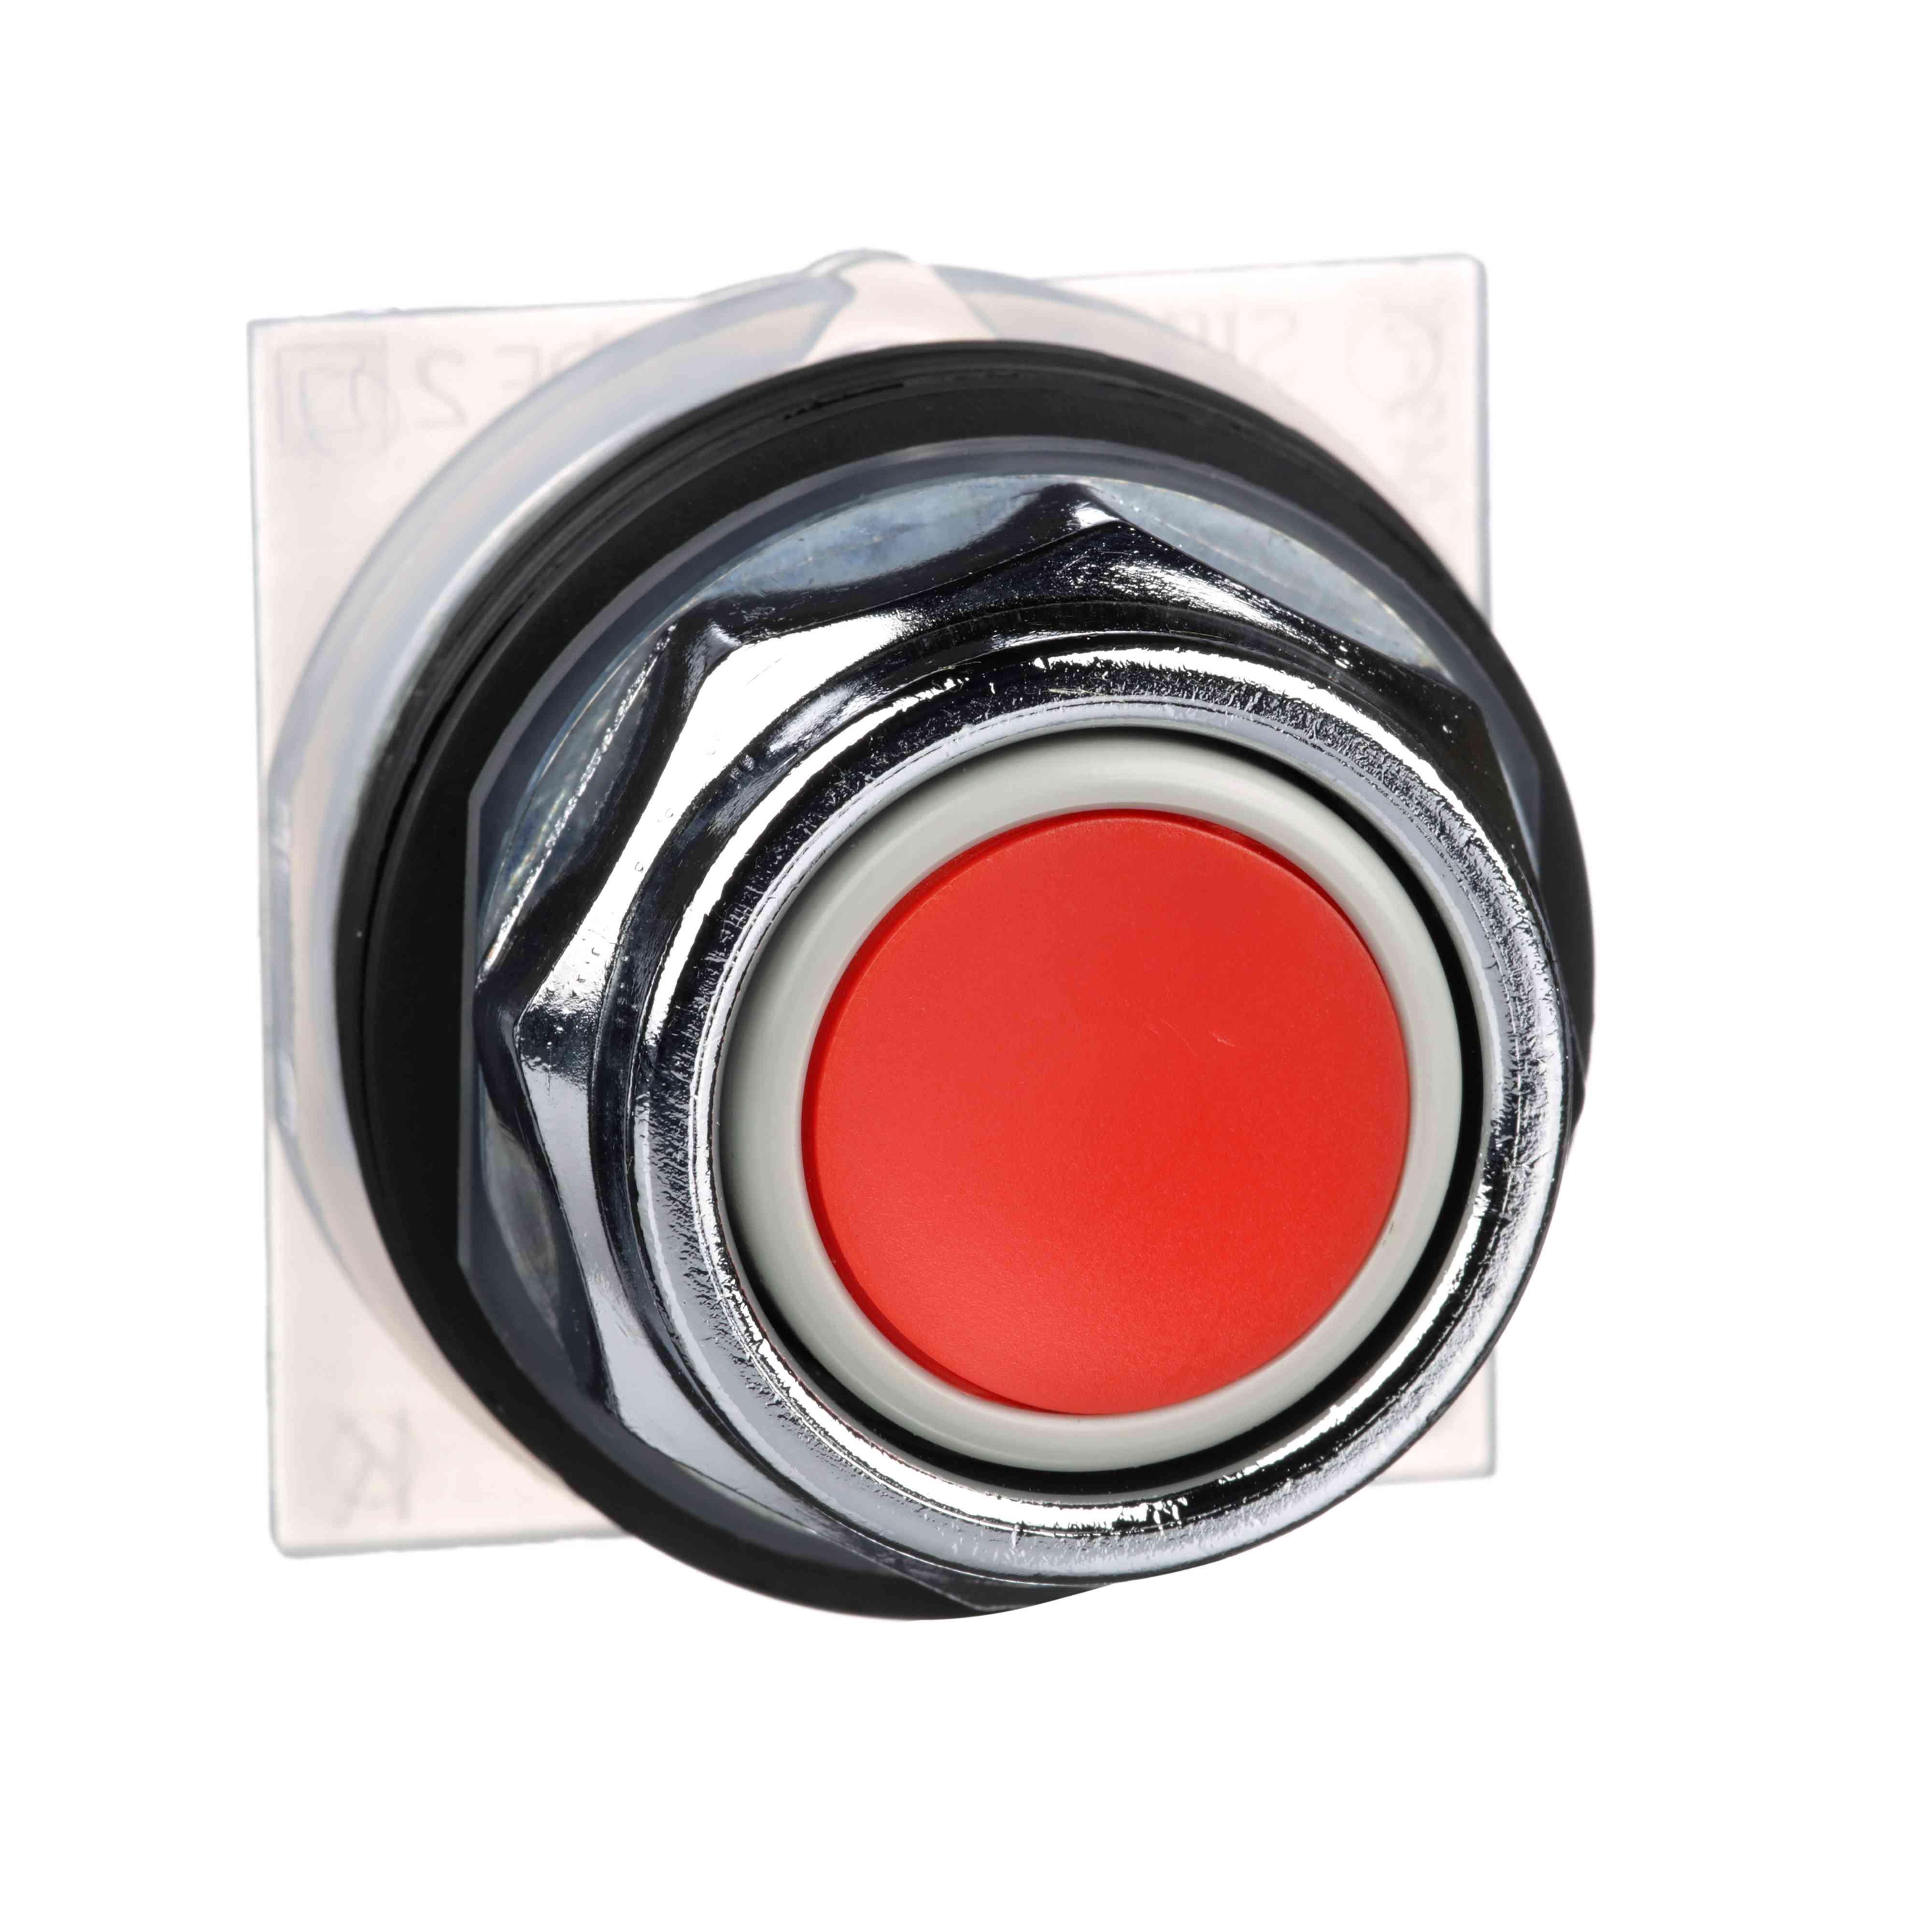 Krmilnik tipke 30 mm, tip K + možnosti